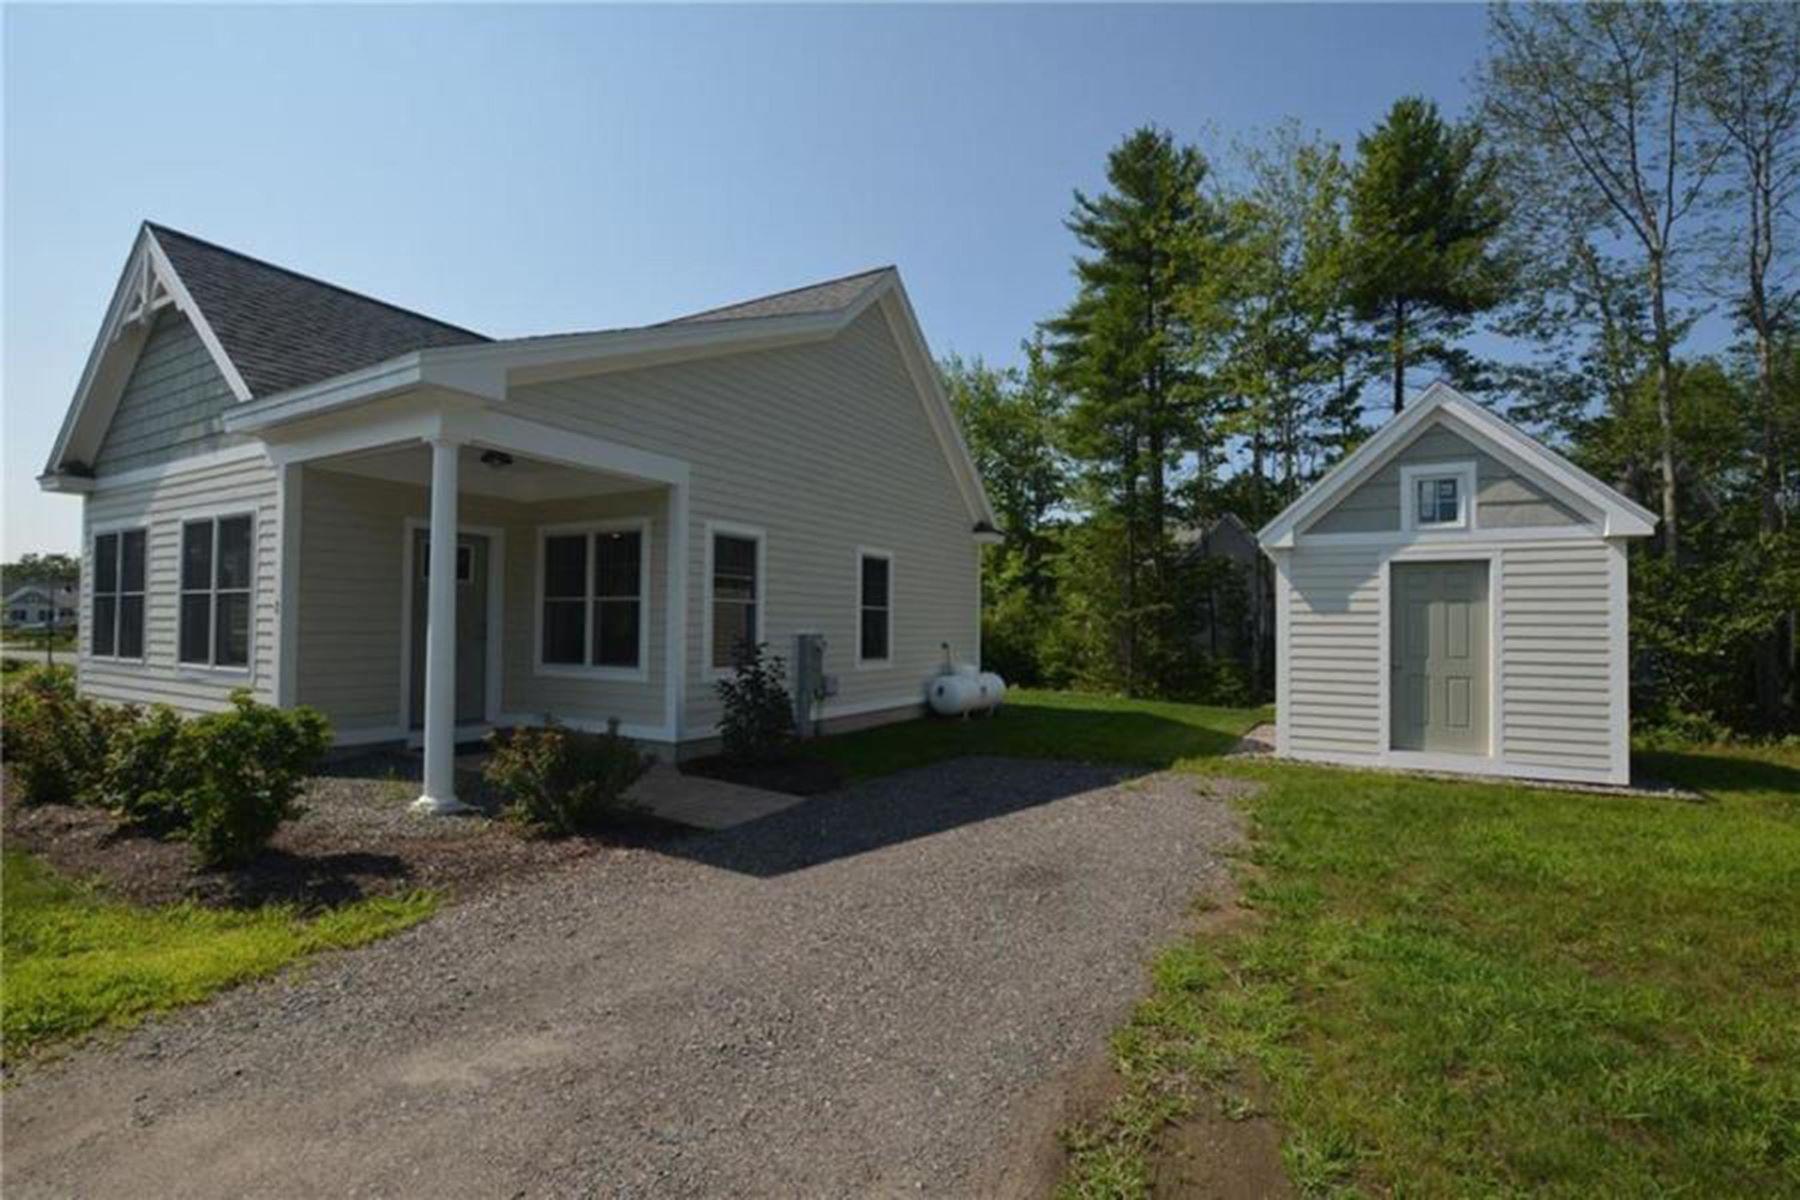 Condominiums for Sale at 2 Adams Lane Arundel, Maine 04046 United States